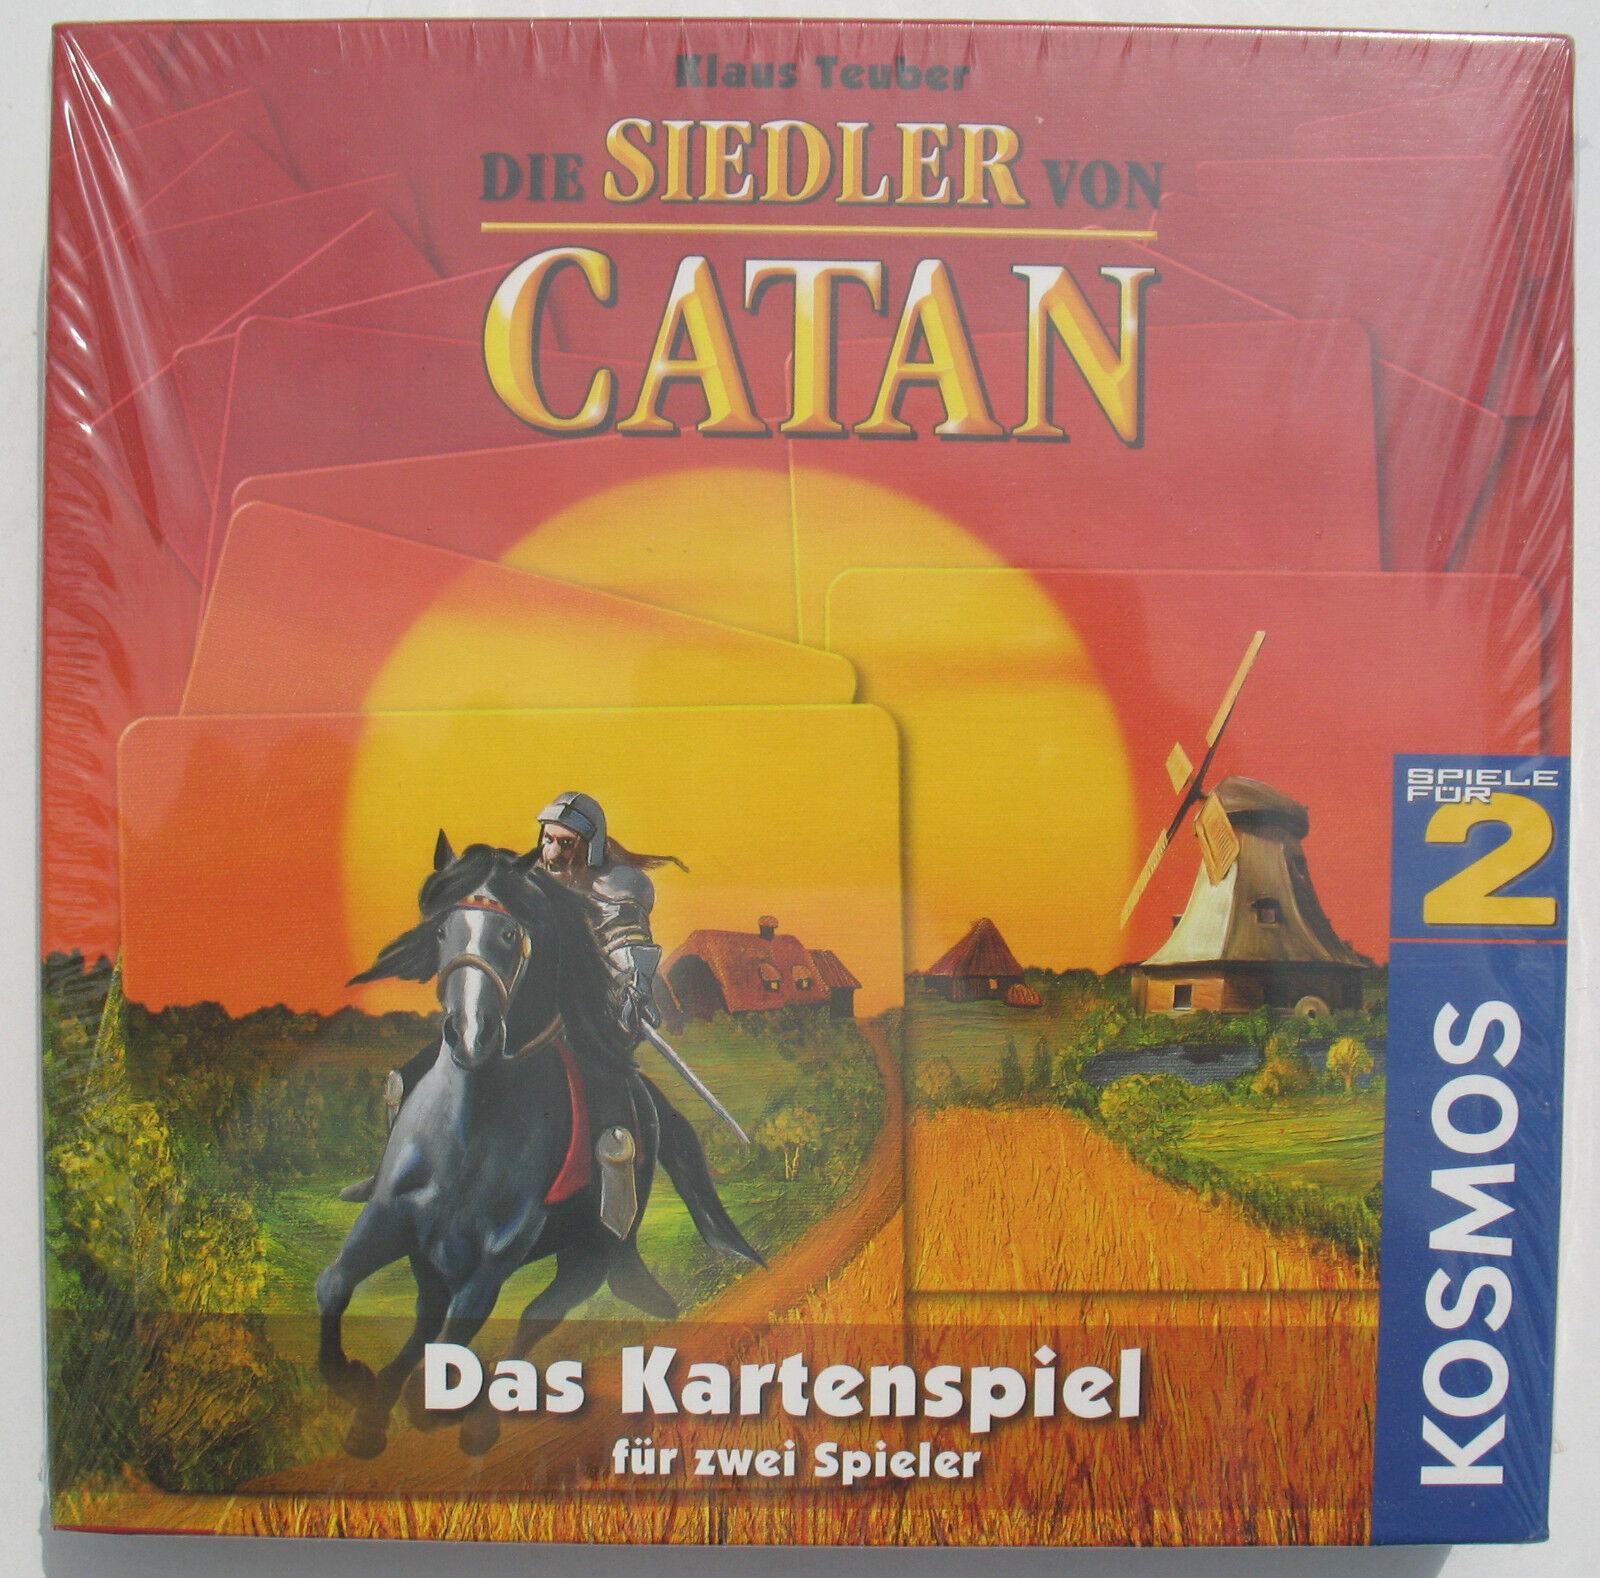 Siedler von catan - kosmos 685010 sterben - das kartenspiel - 2007 klaus teuber - neu